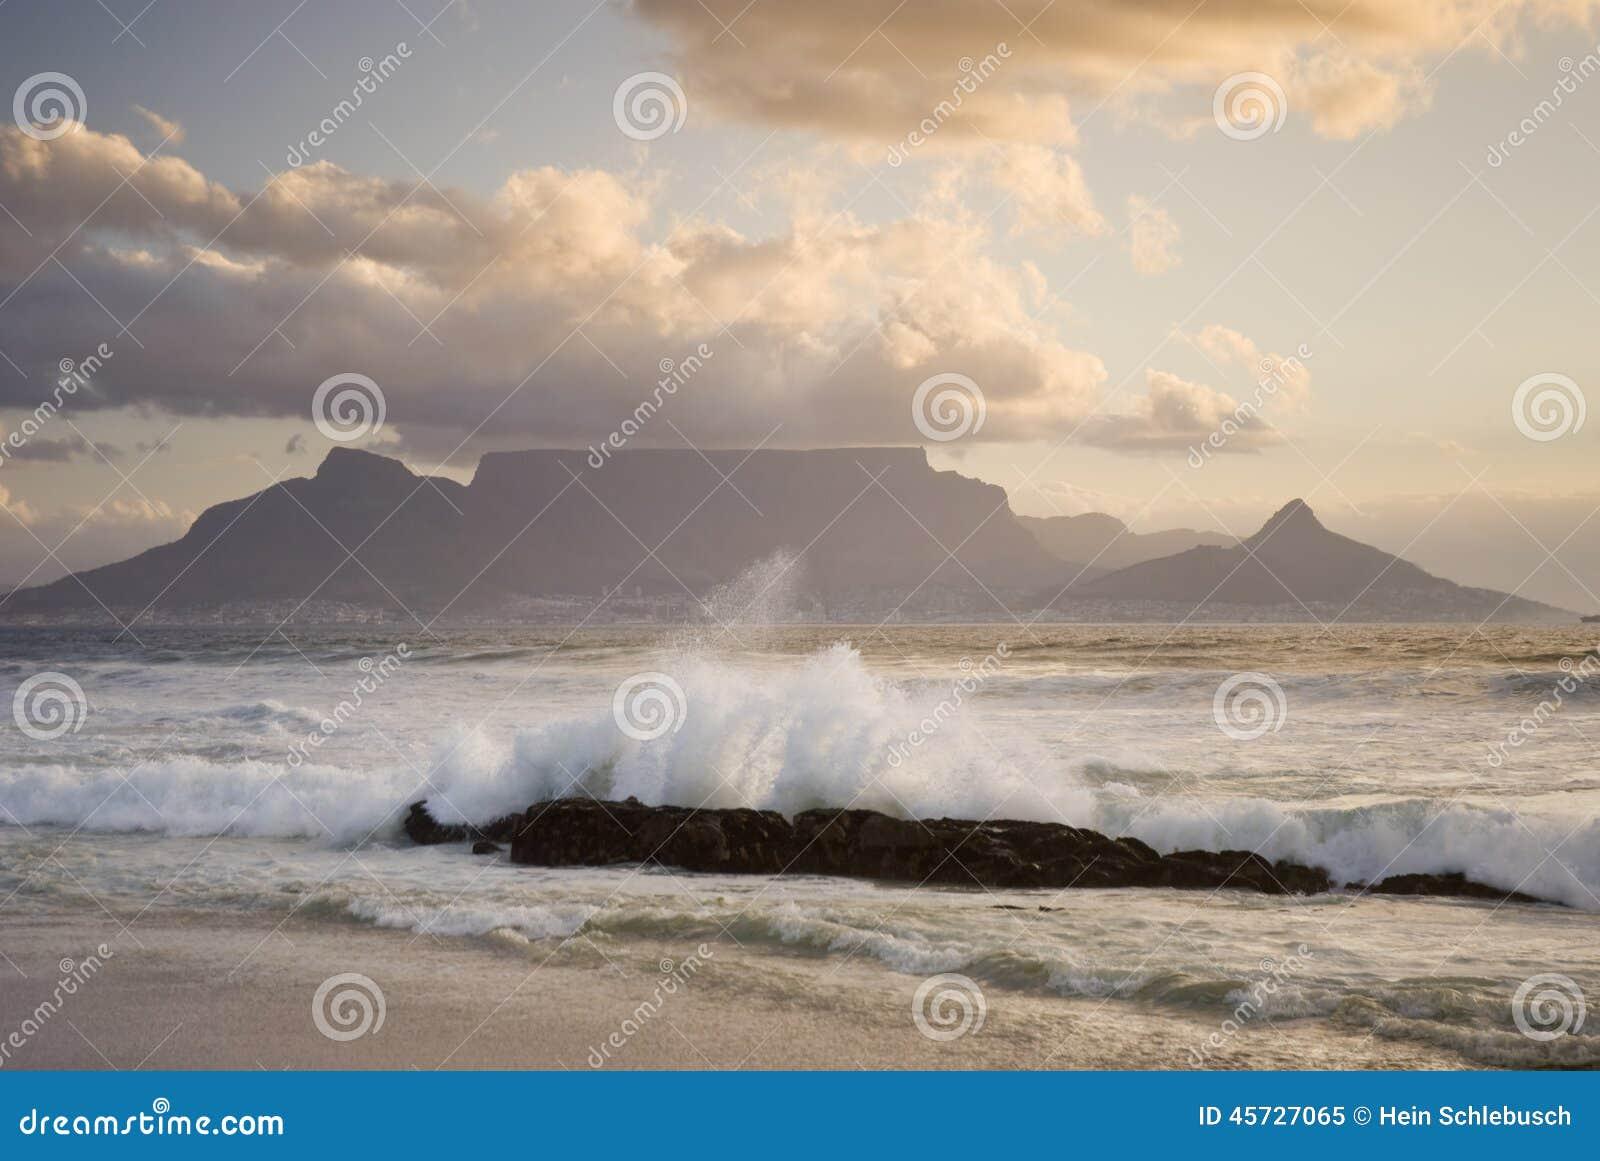 Montanha da tabela atrás da onda